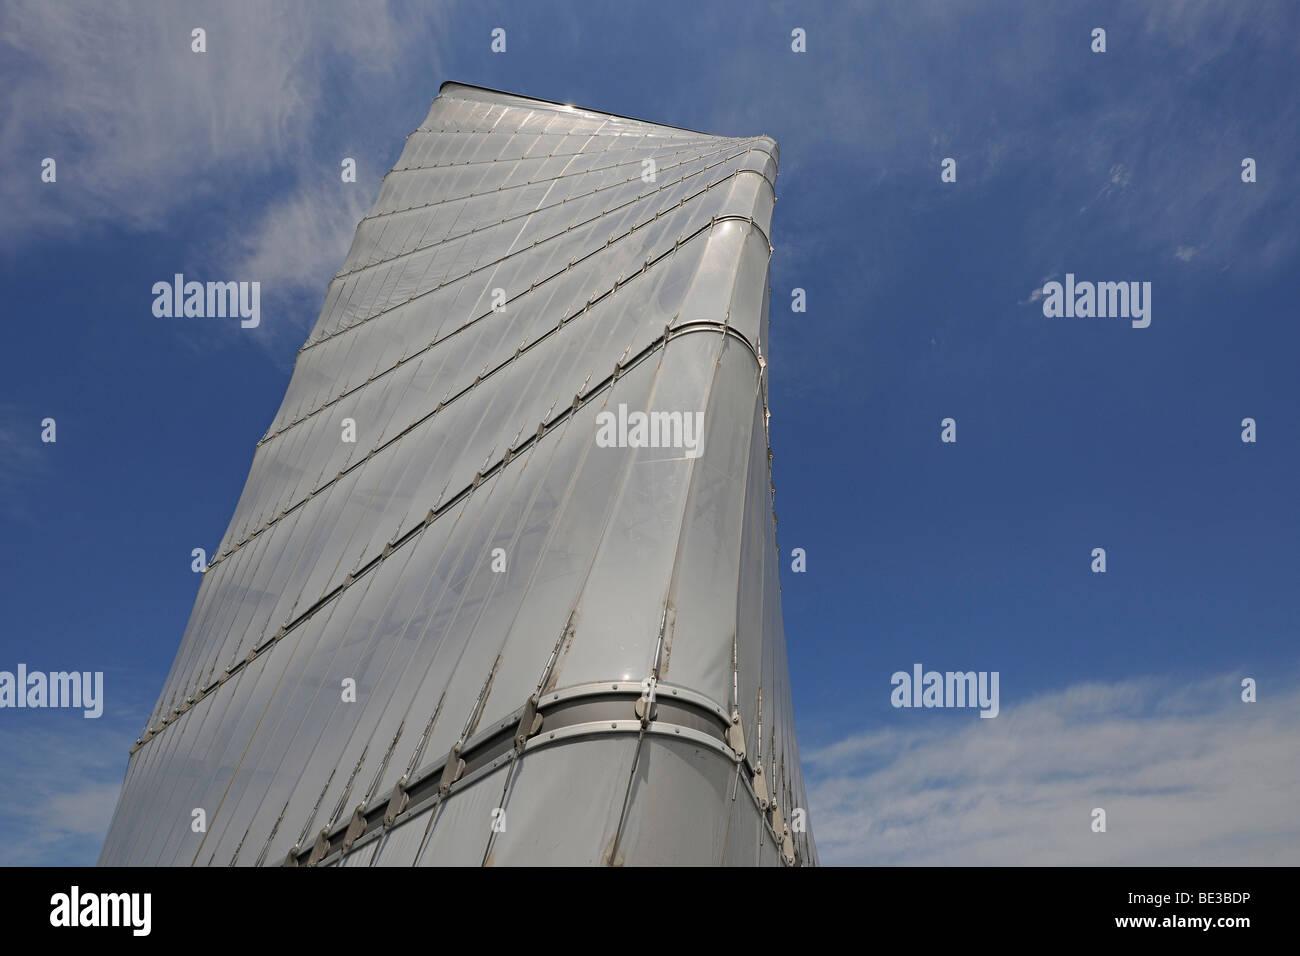 Info-Turm von der Baustelle des neuen großen BBI Flughafen Berlin Brandenburg International, Hauptterminal, Stockbild